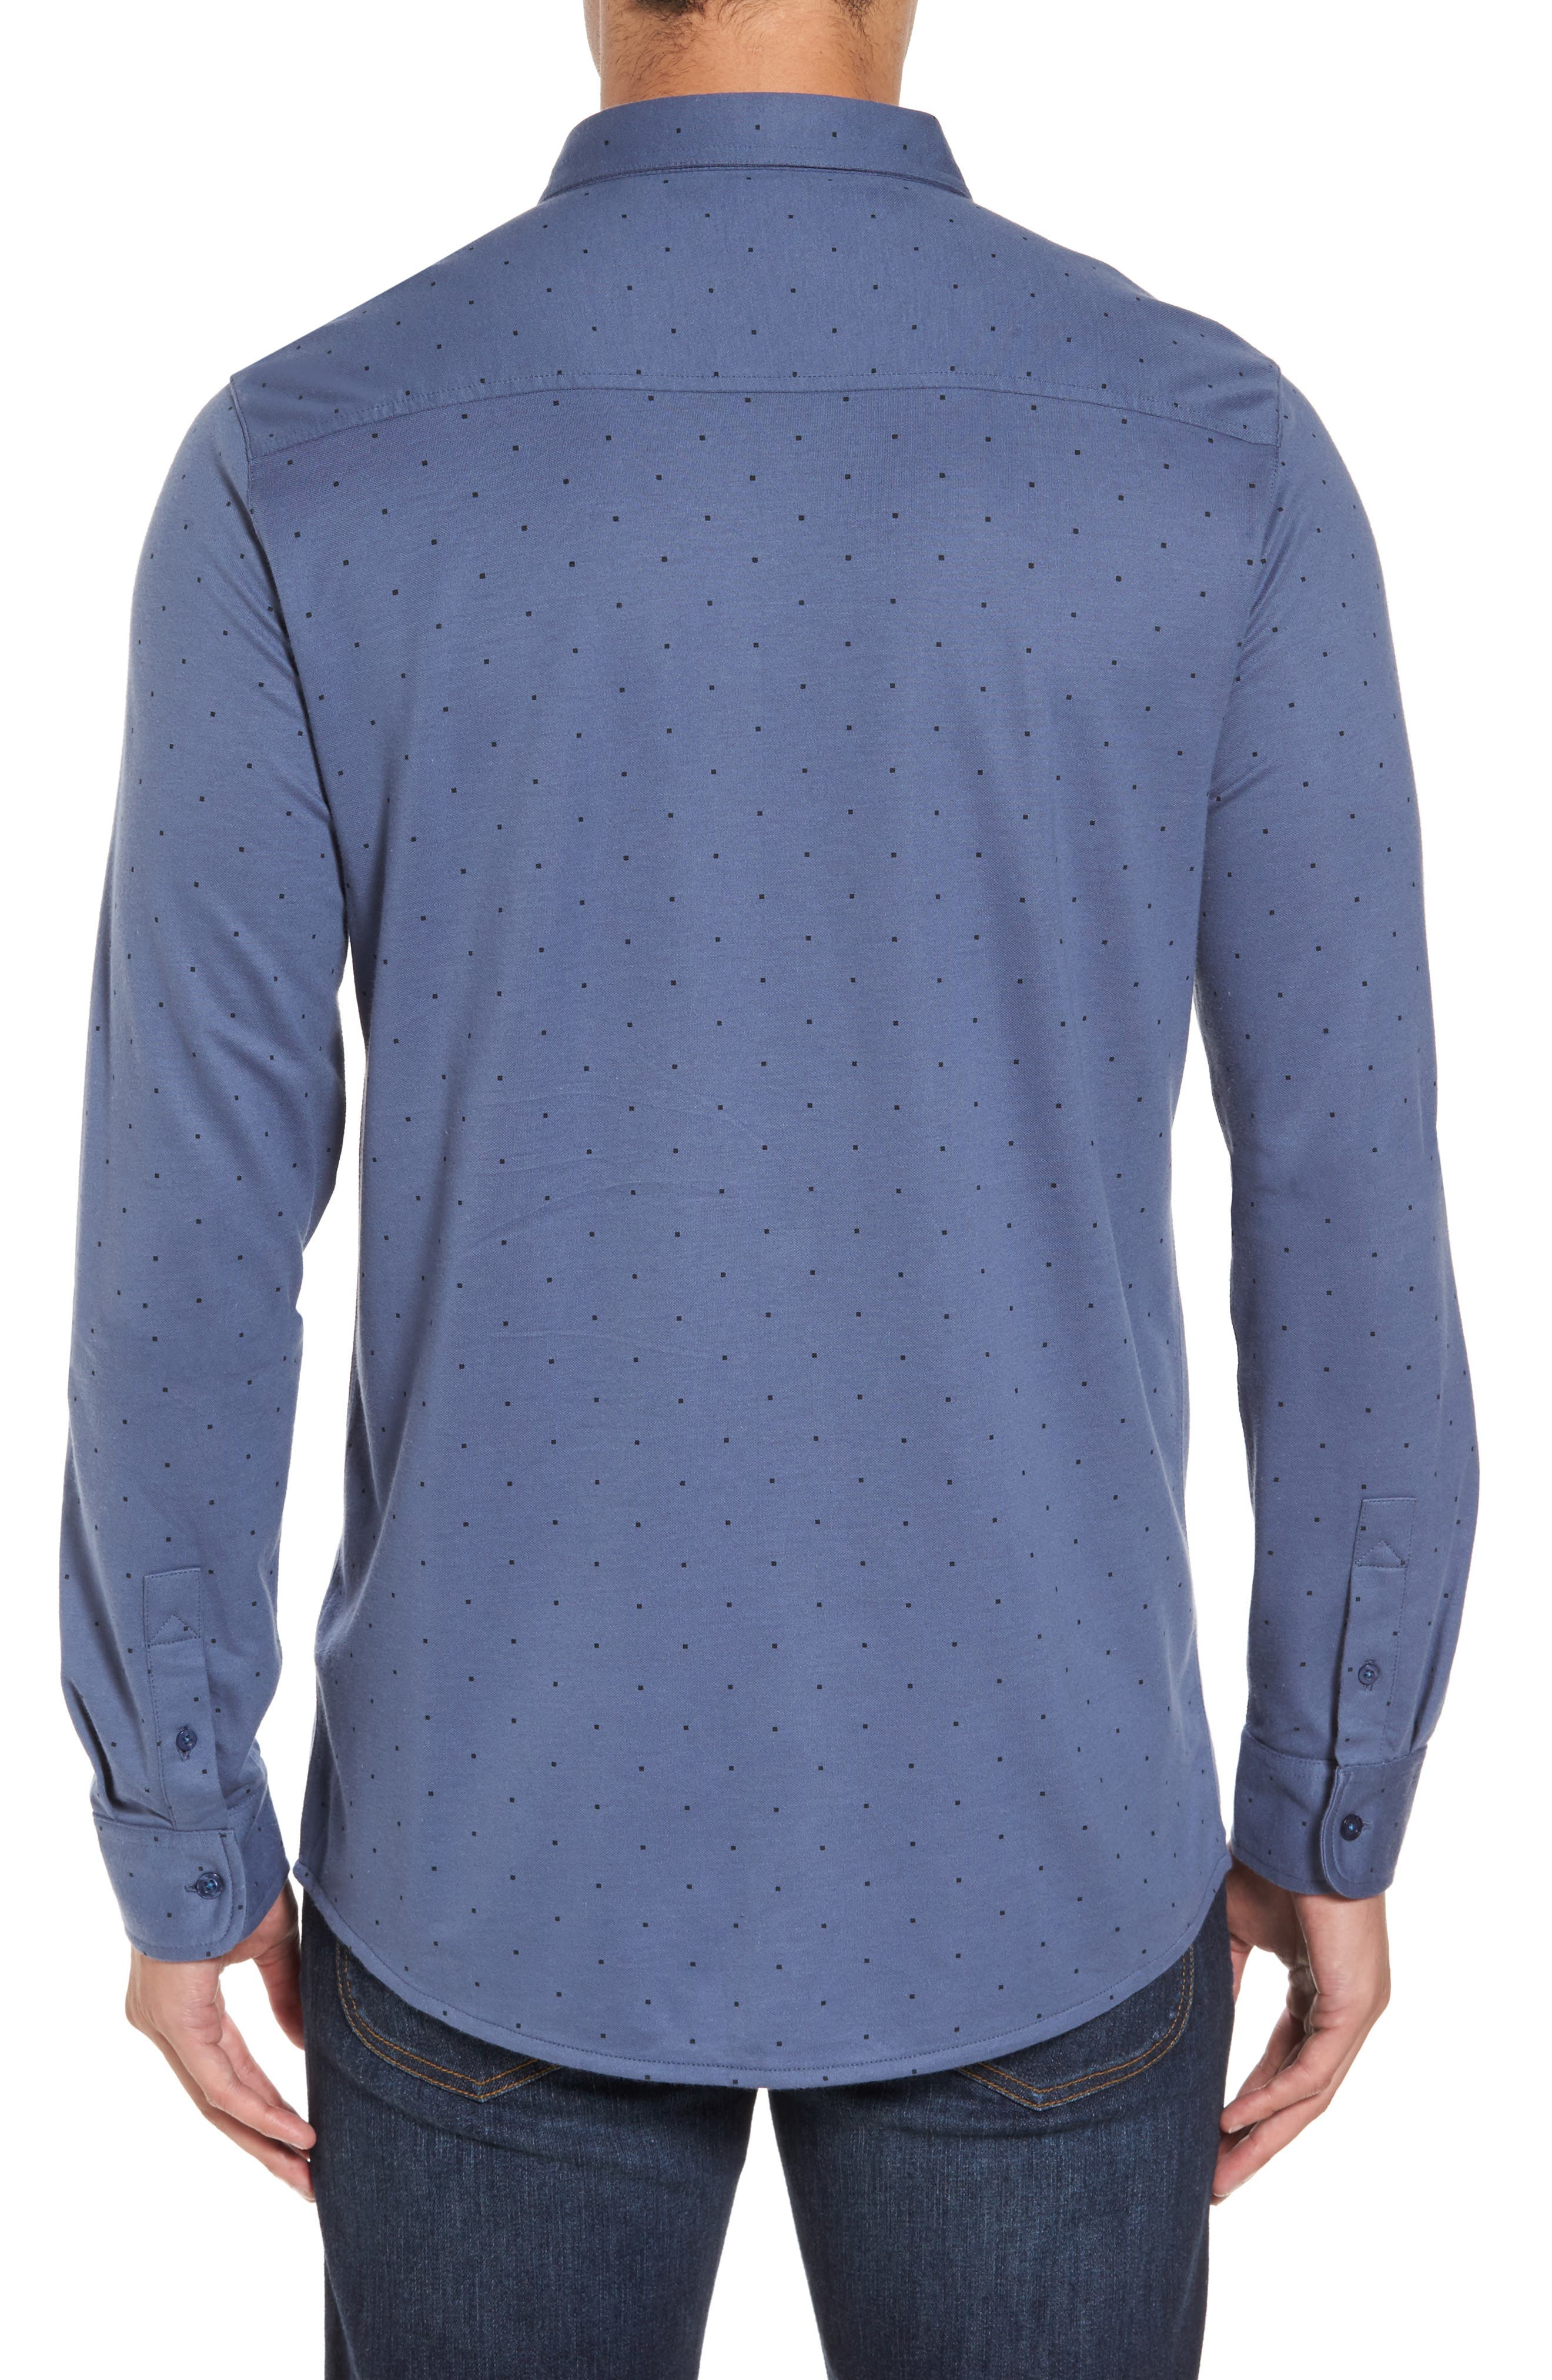 Randy Square Dot Sport Shirt,                             Alternate thumbnail 2, color,                             400